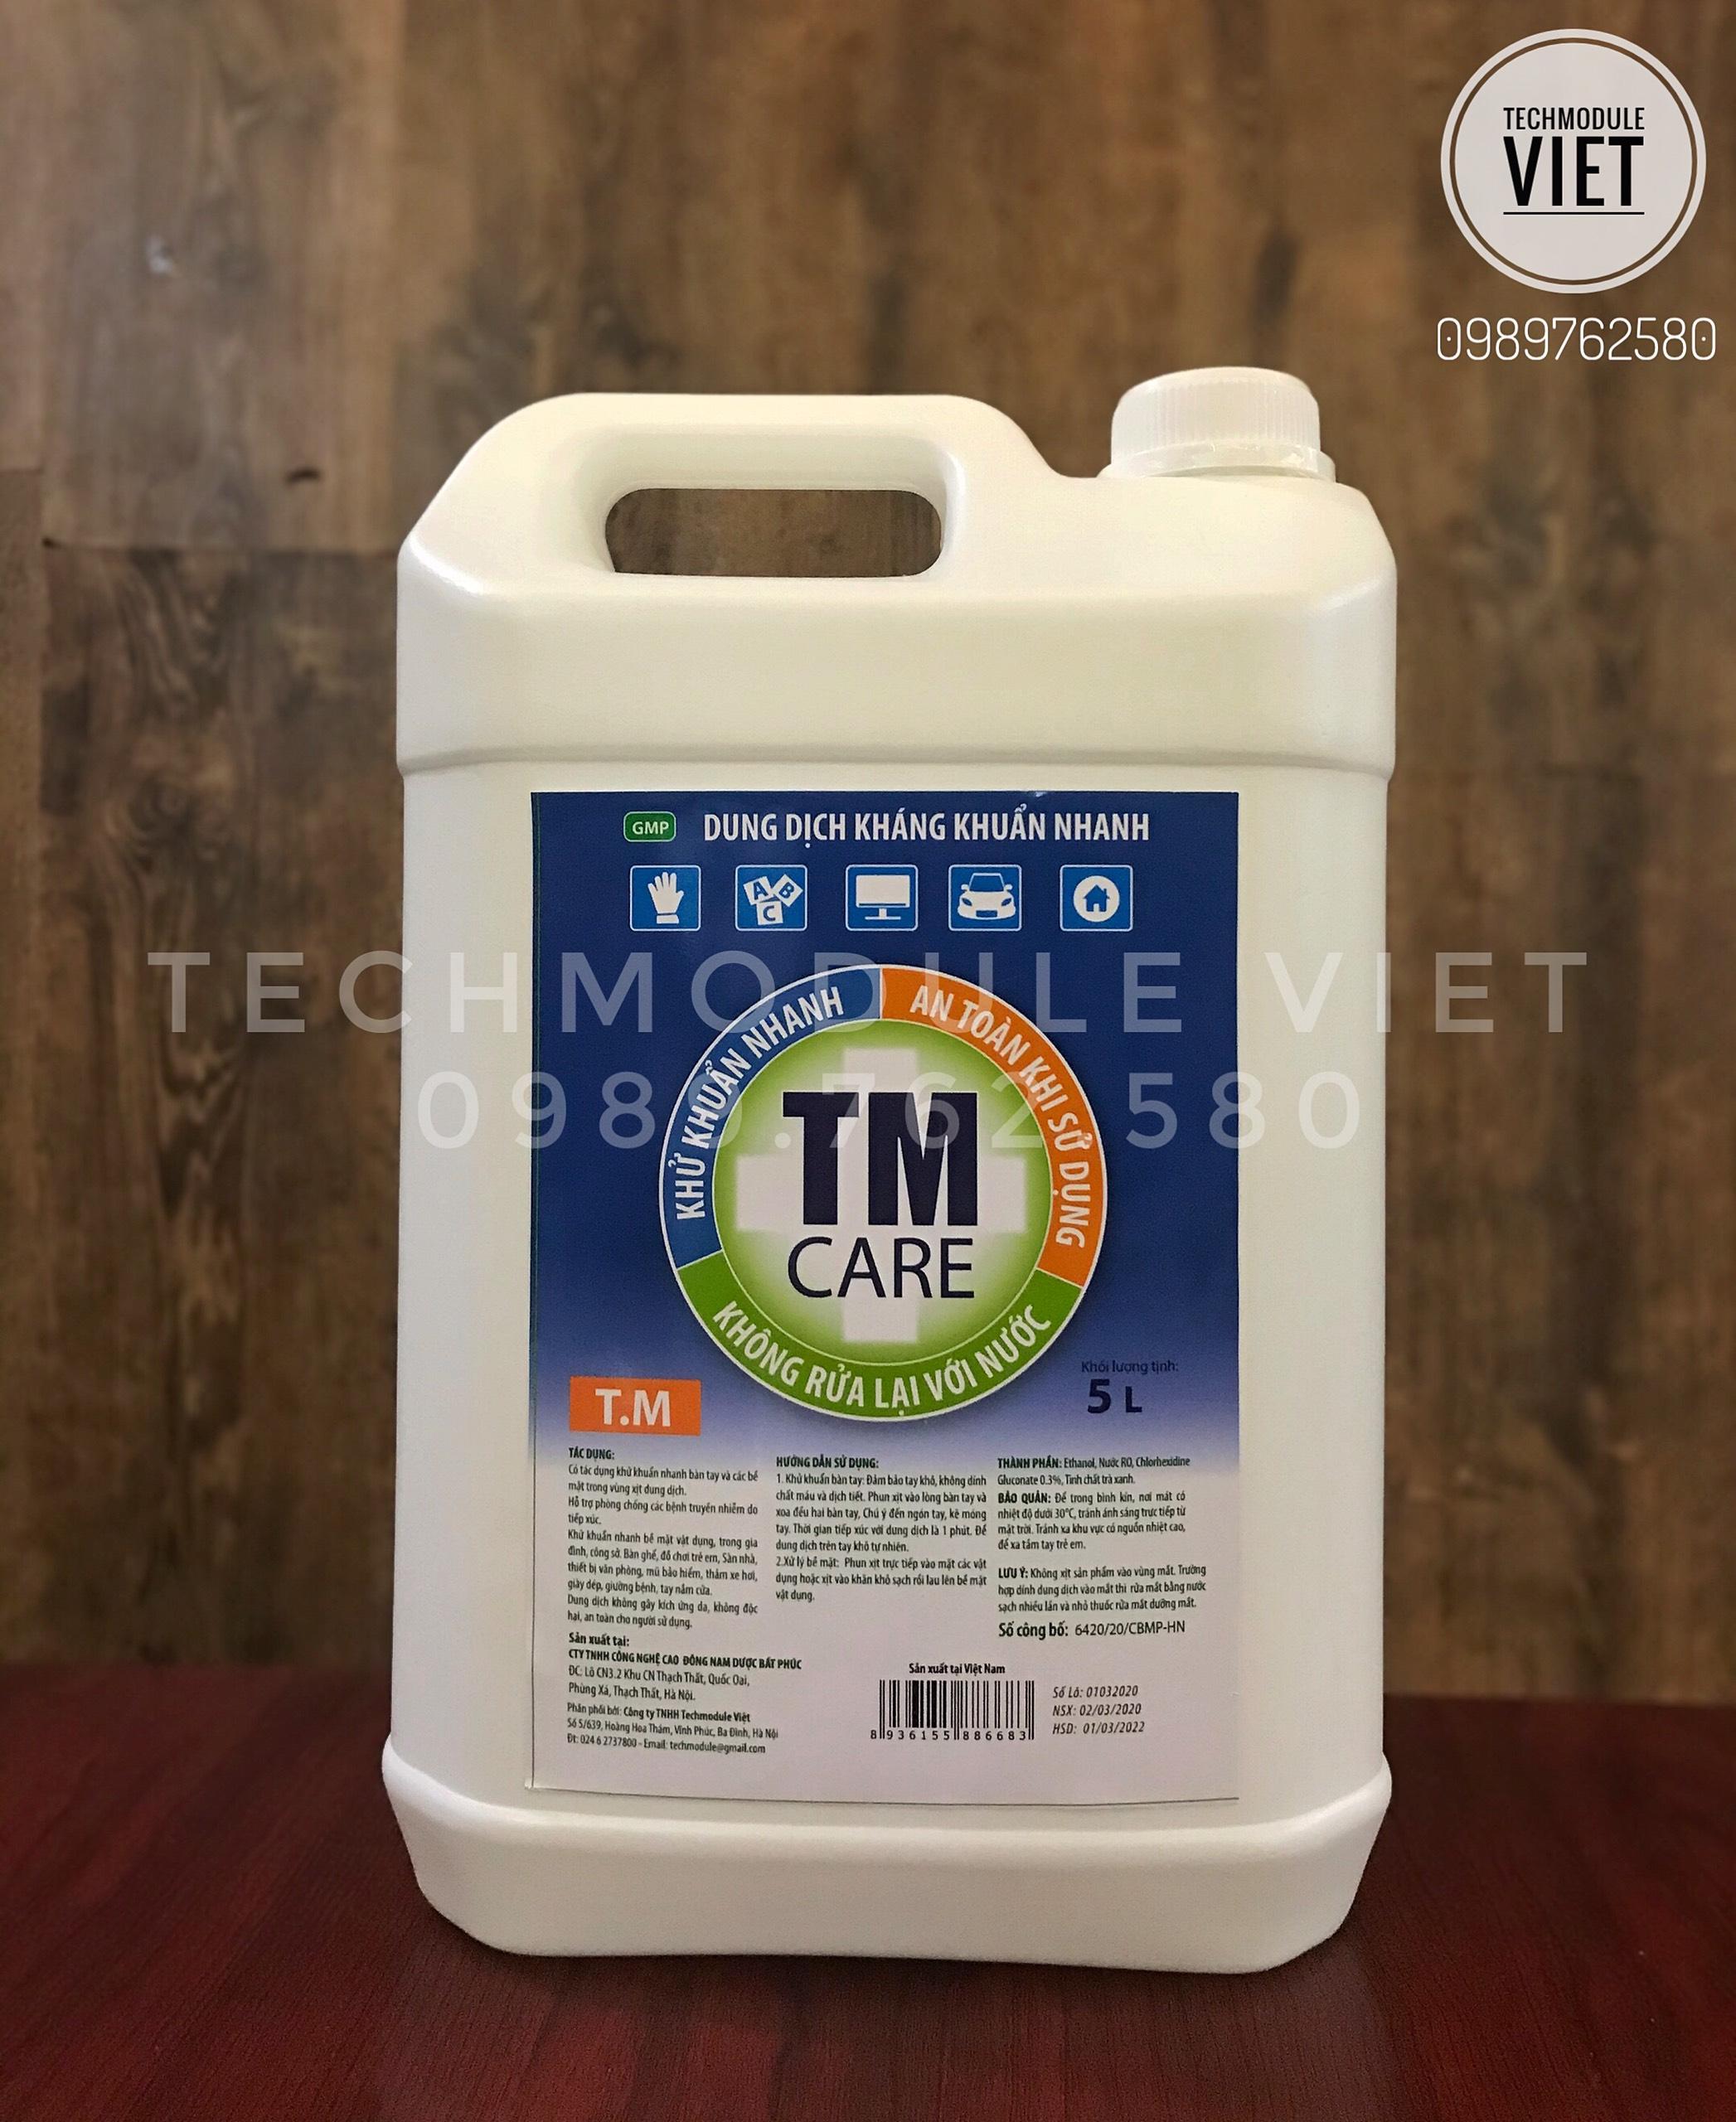 Dung dịch kháng khuẩn tay nhanh TM Care